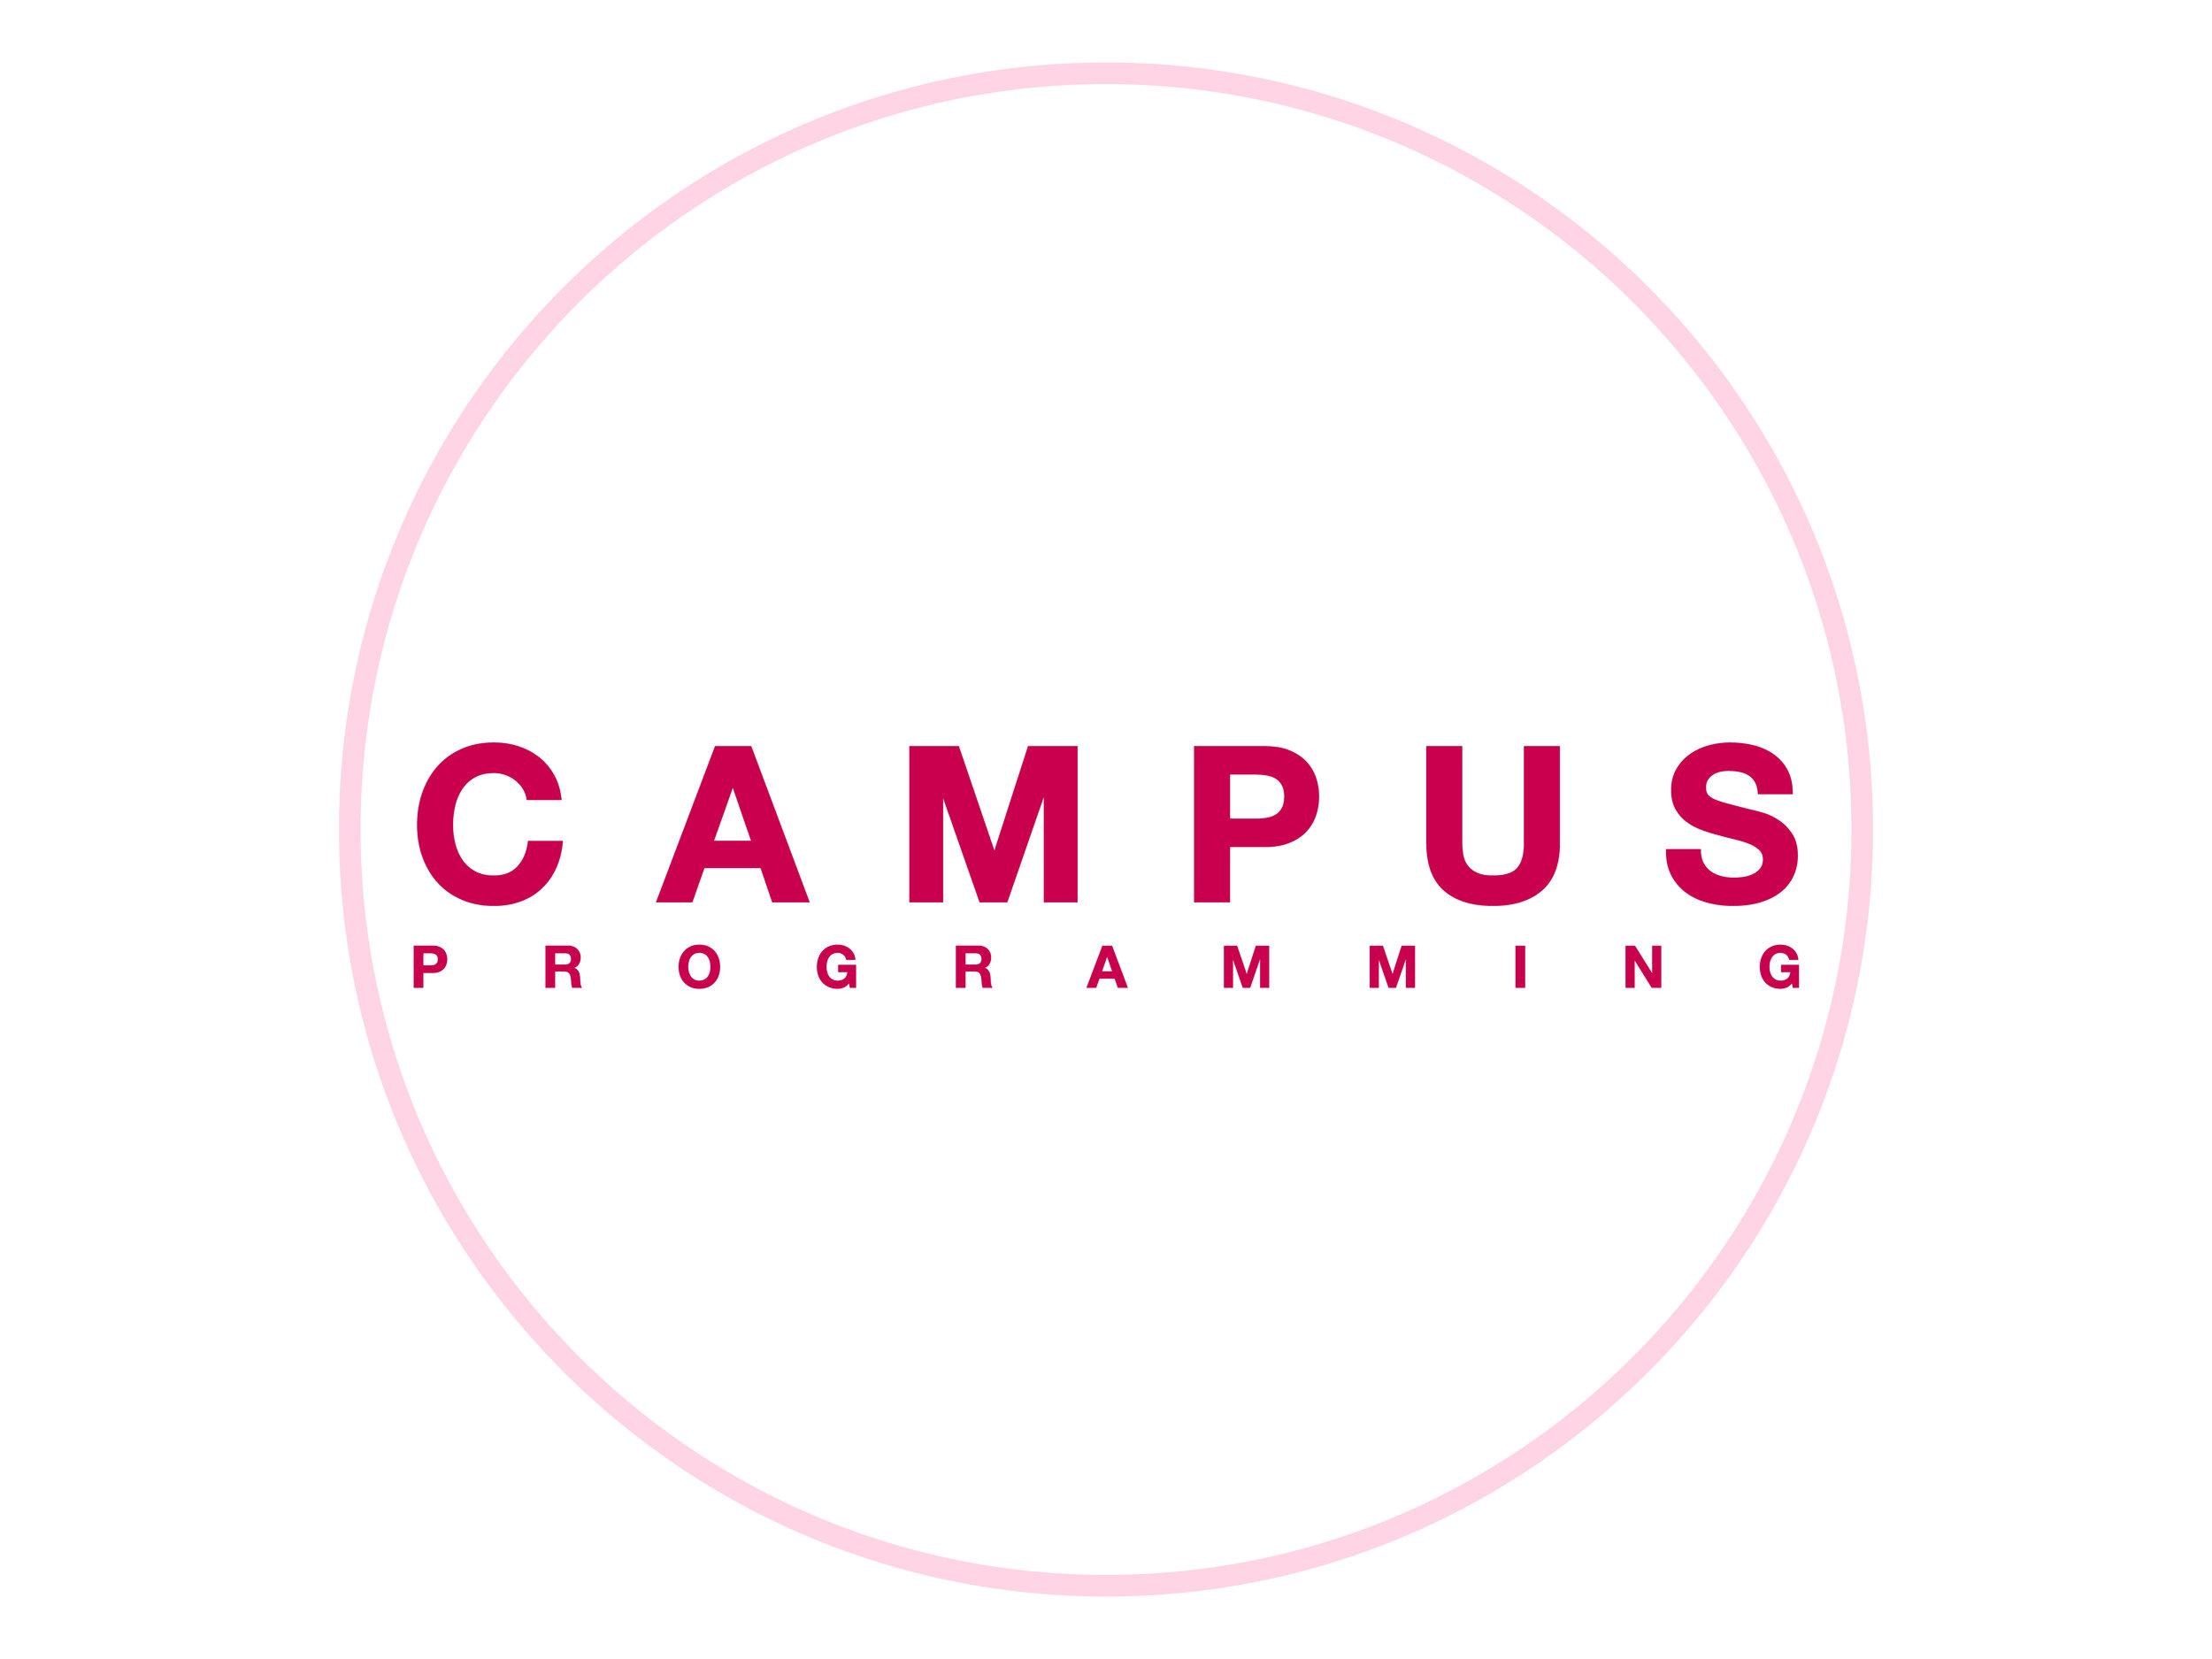 Campus-Programming-Circle4.jpg